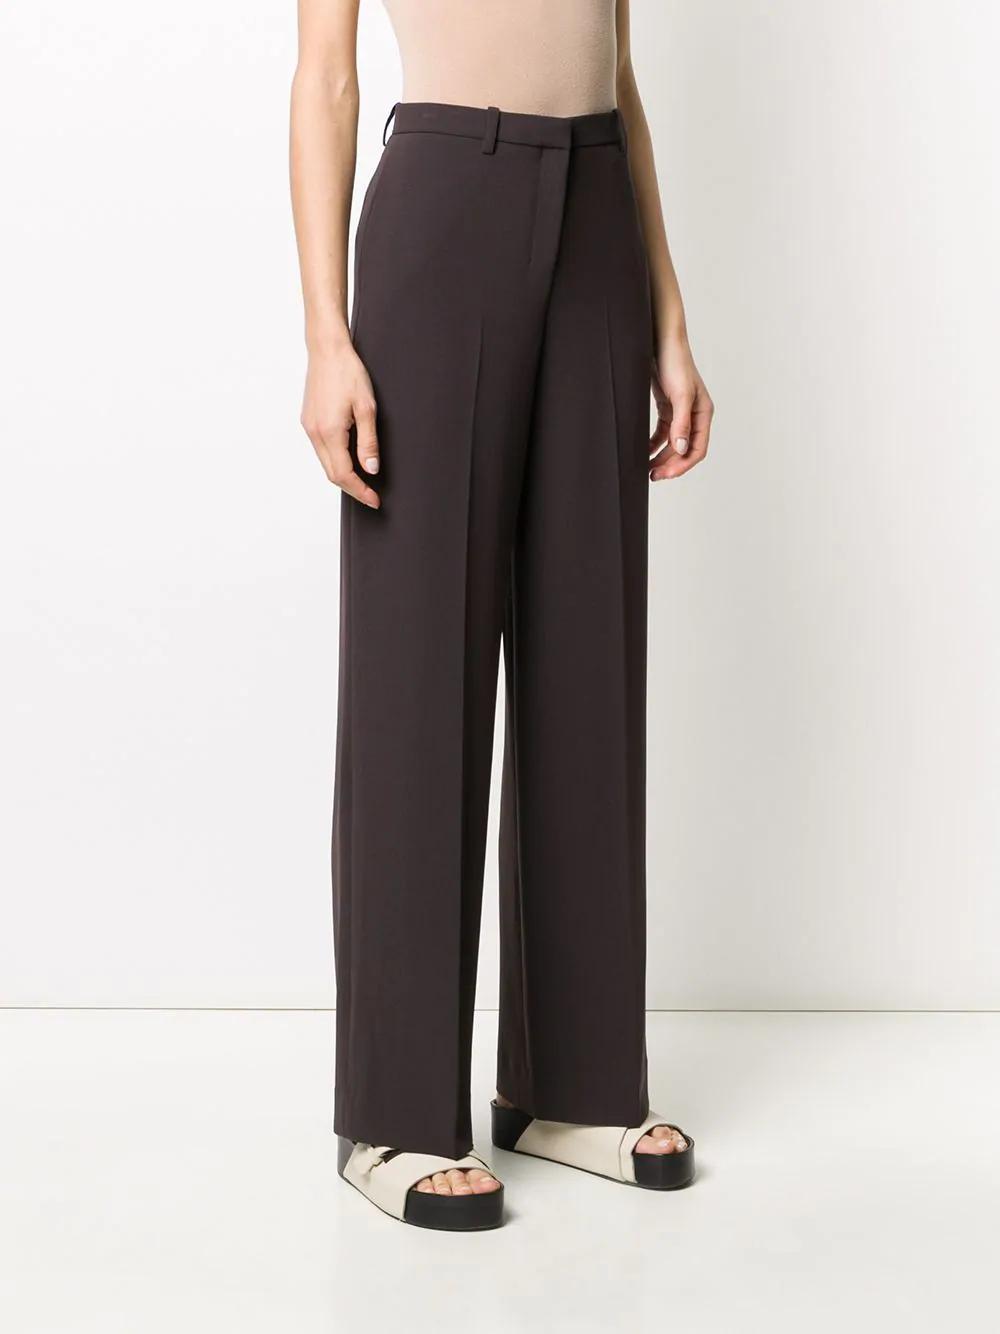 Theory Pantalones Rectos De Vestir Farfetch En 2020 Moda Pantalones Ropa